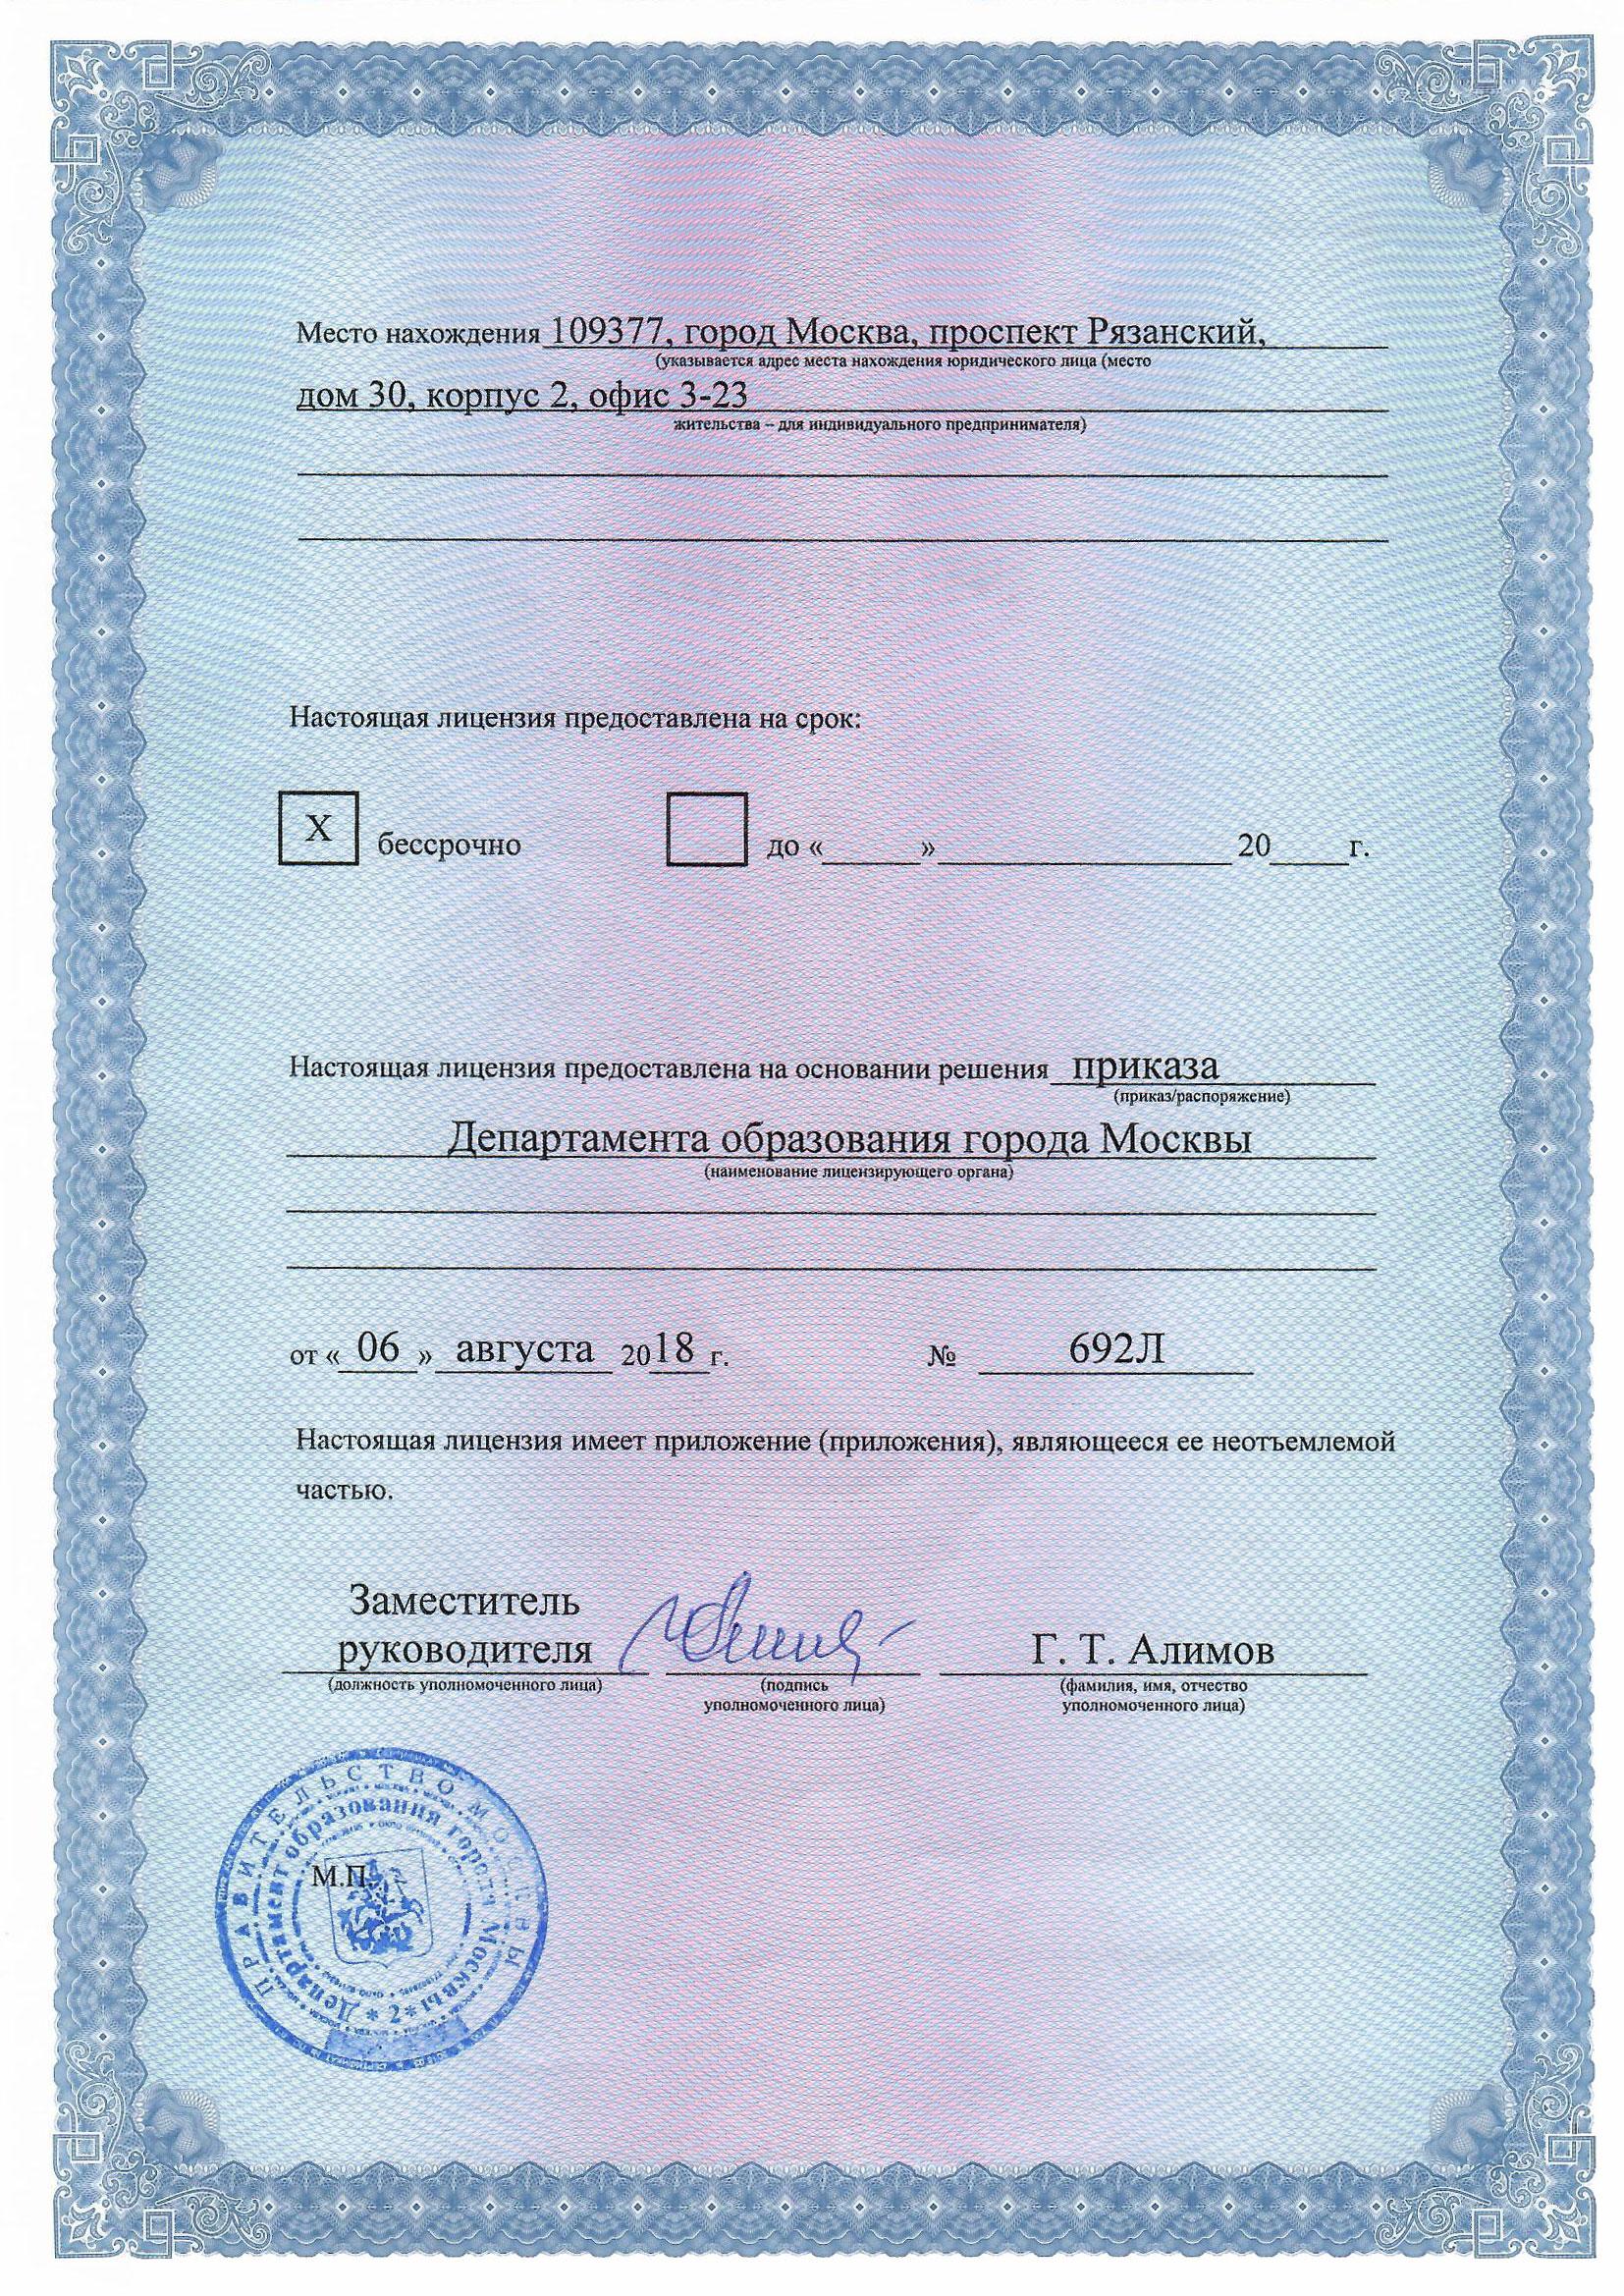 2 сторона лицензии